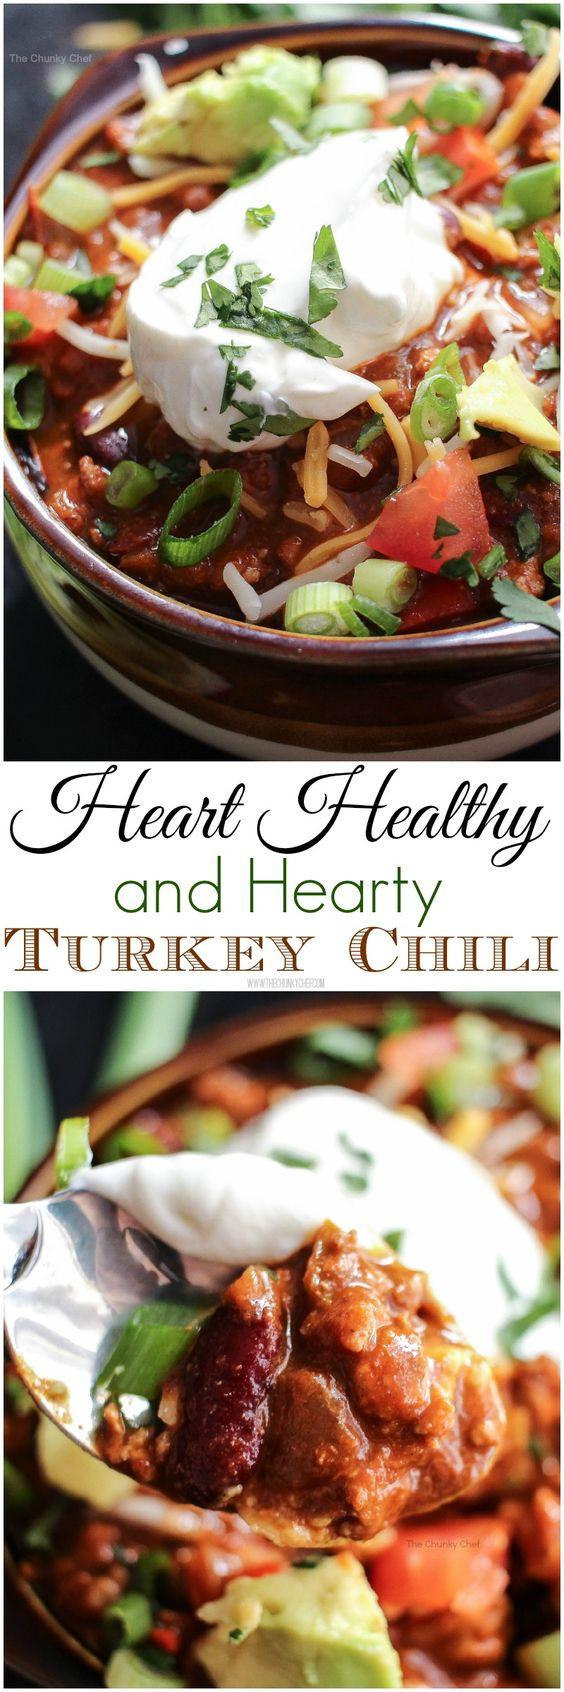 Heart Healthy Thanksgiving Recipes  Heart Healthy Turkey Chili Recipe